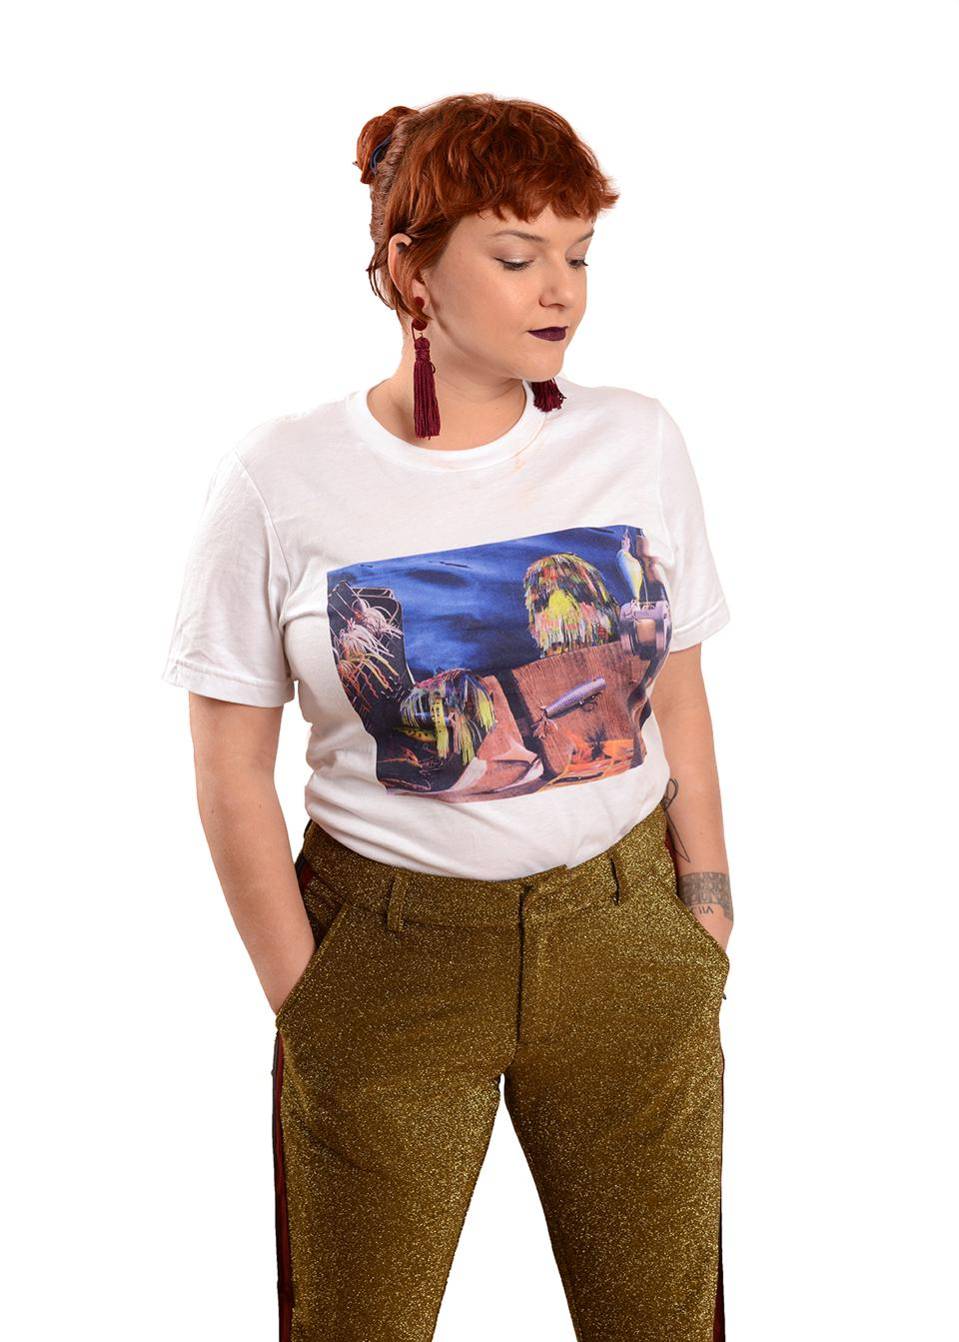 A girl wearing an artist t-shirt